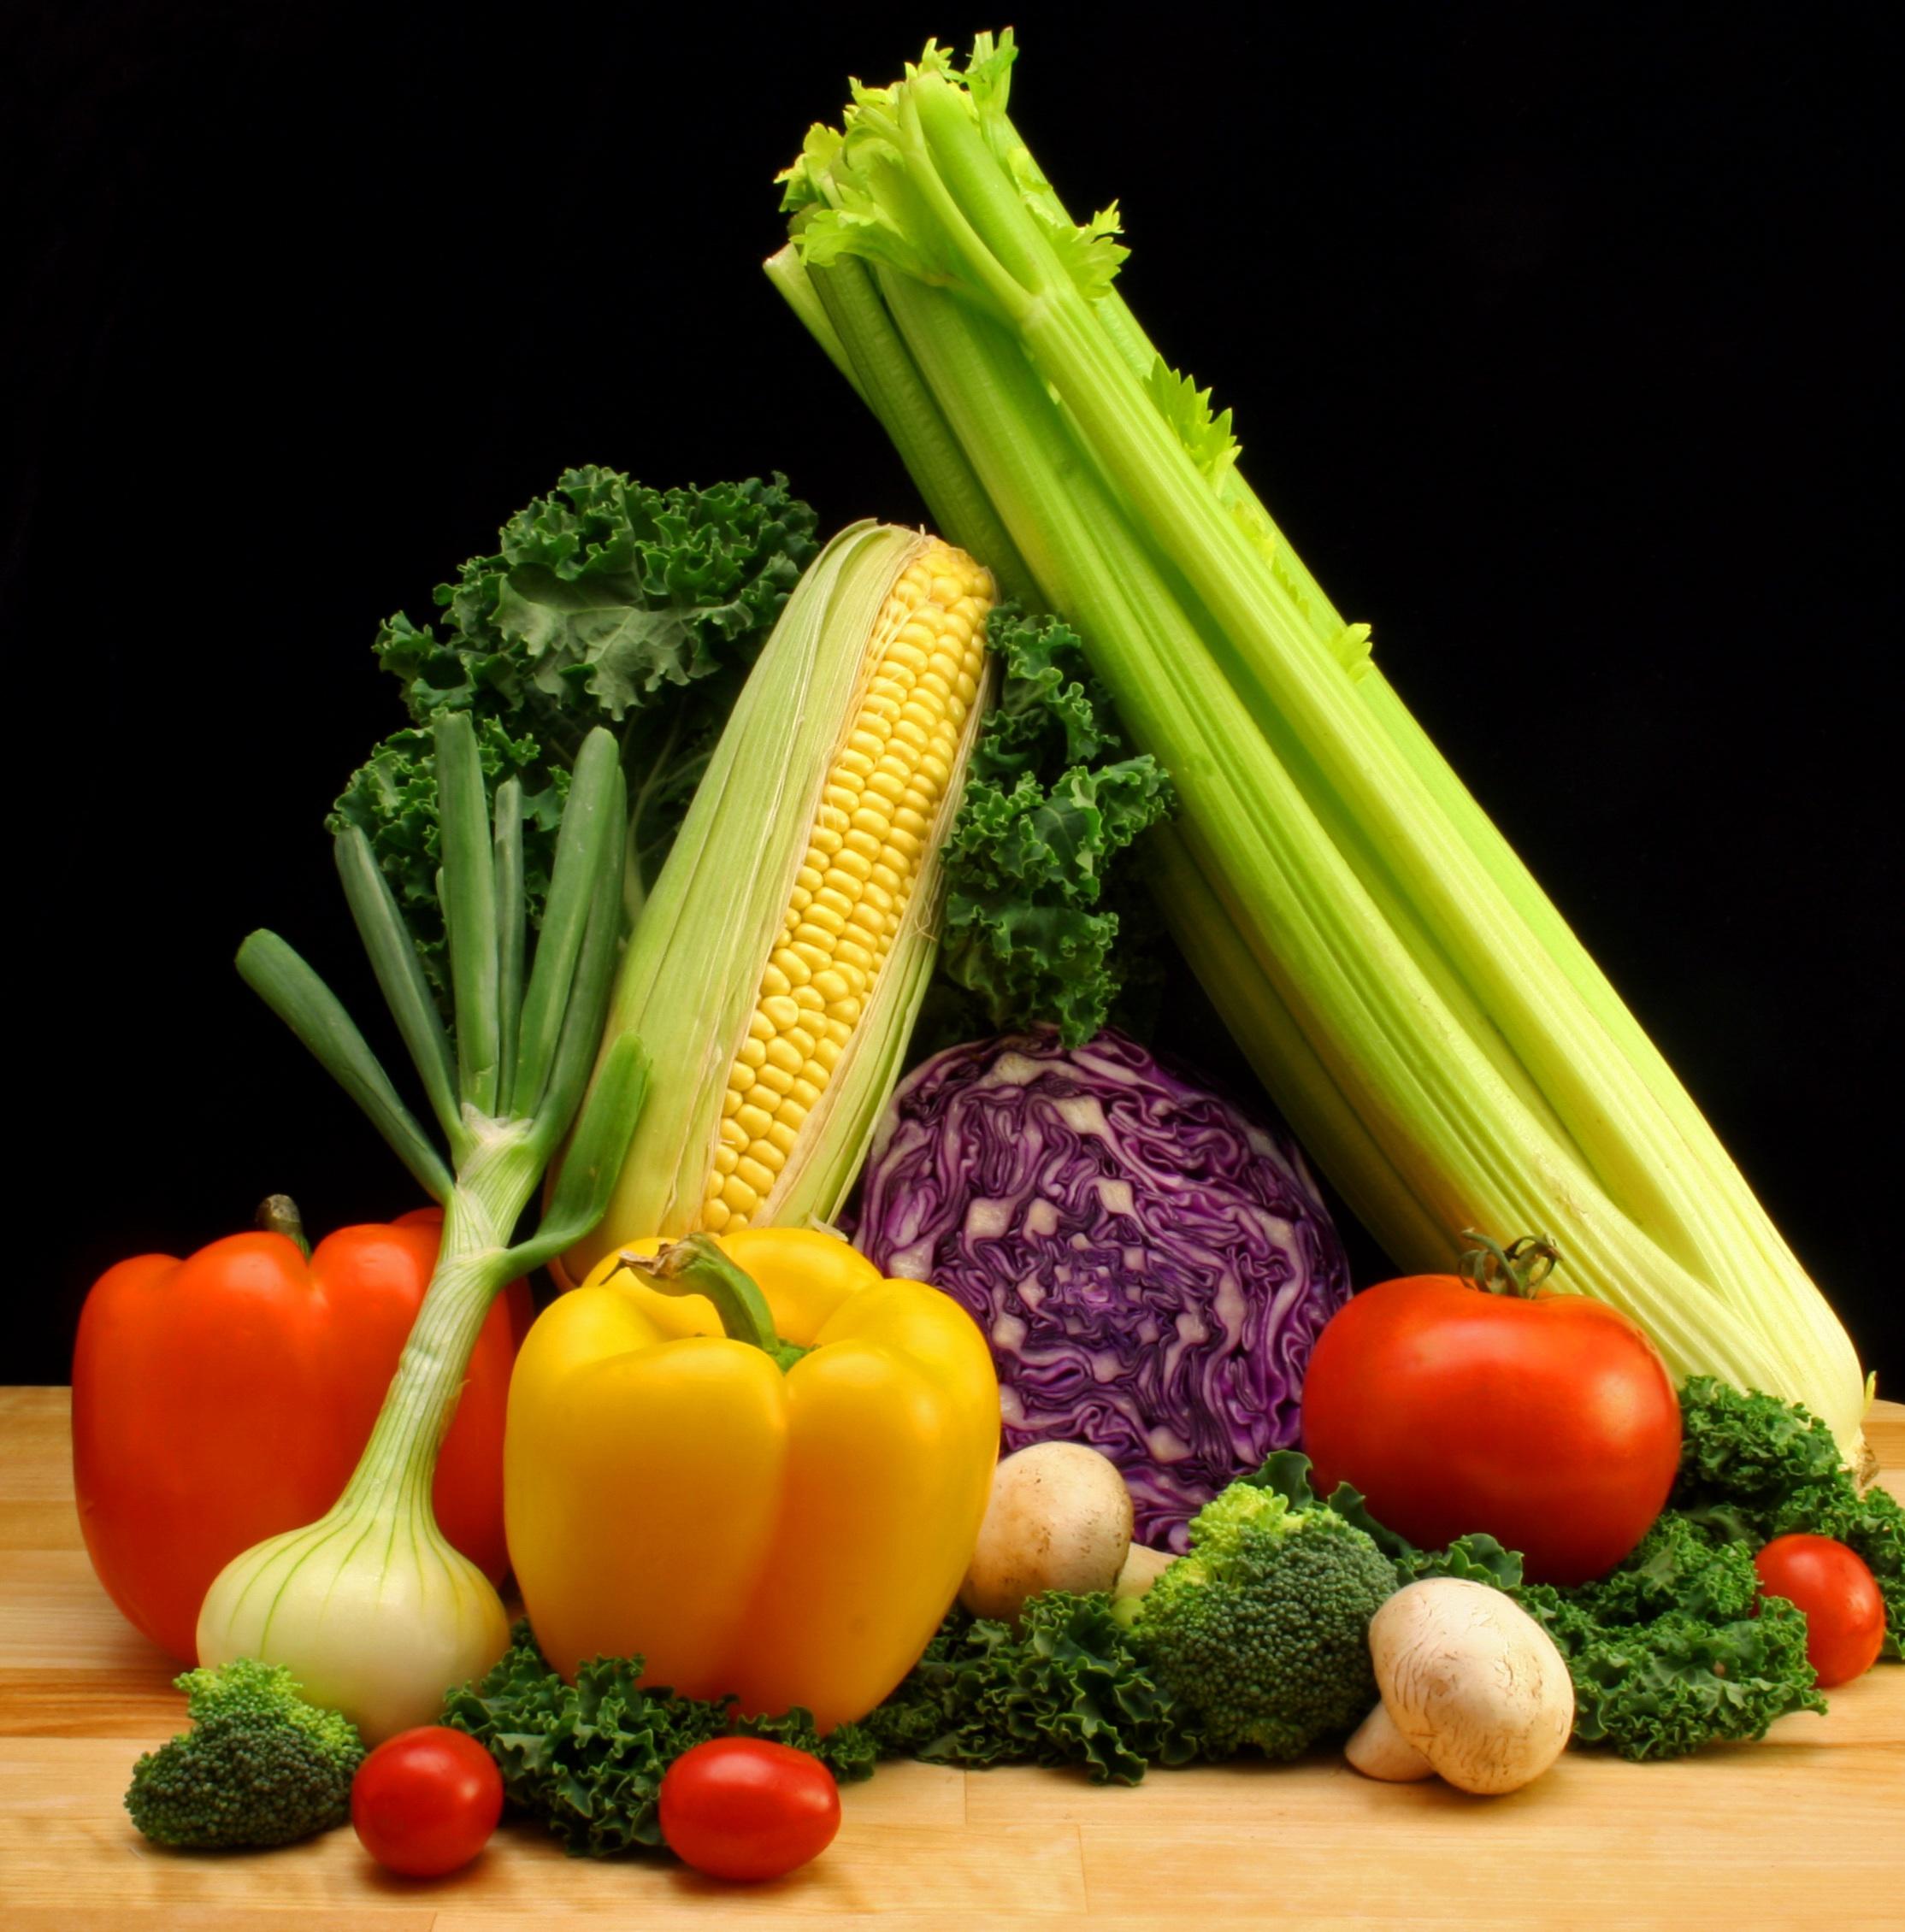 топ 10 овощей для похудения